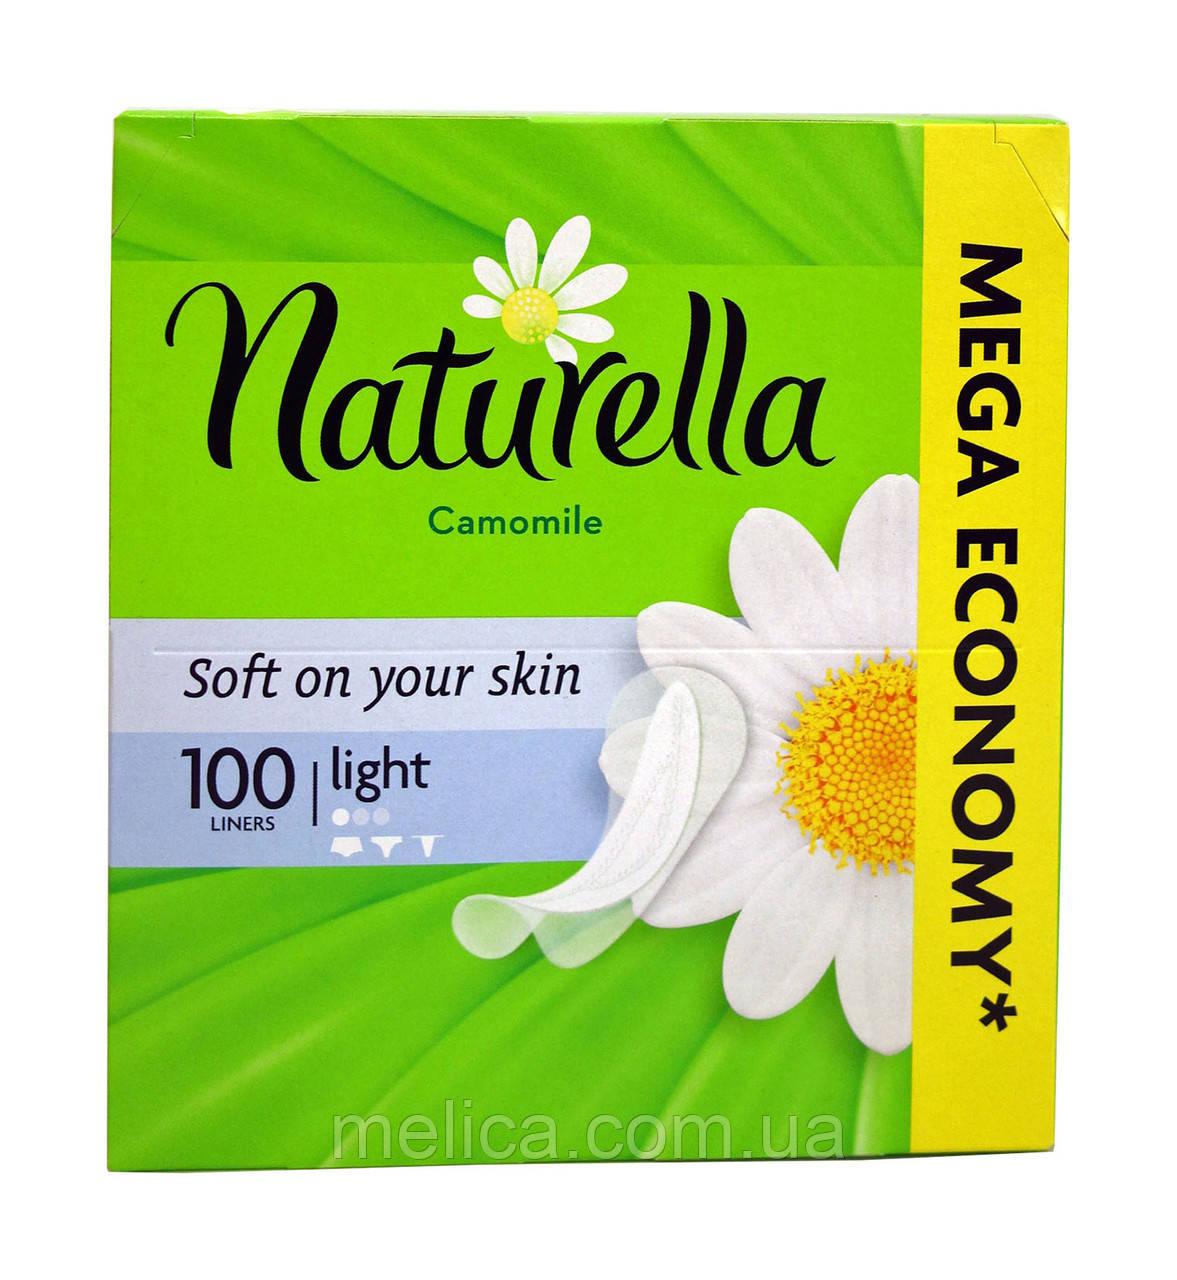 Ежедневные прокладки Naturella Camomile Light - 100 шт.